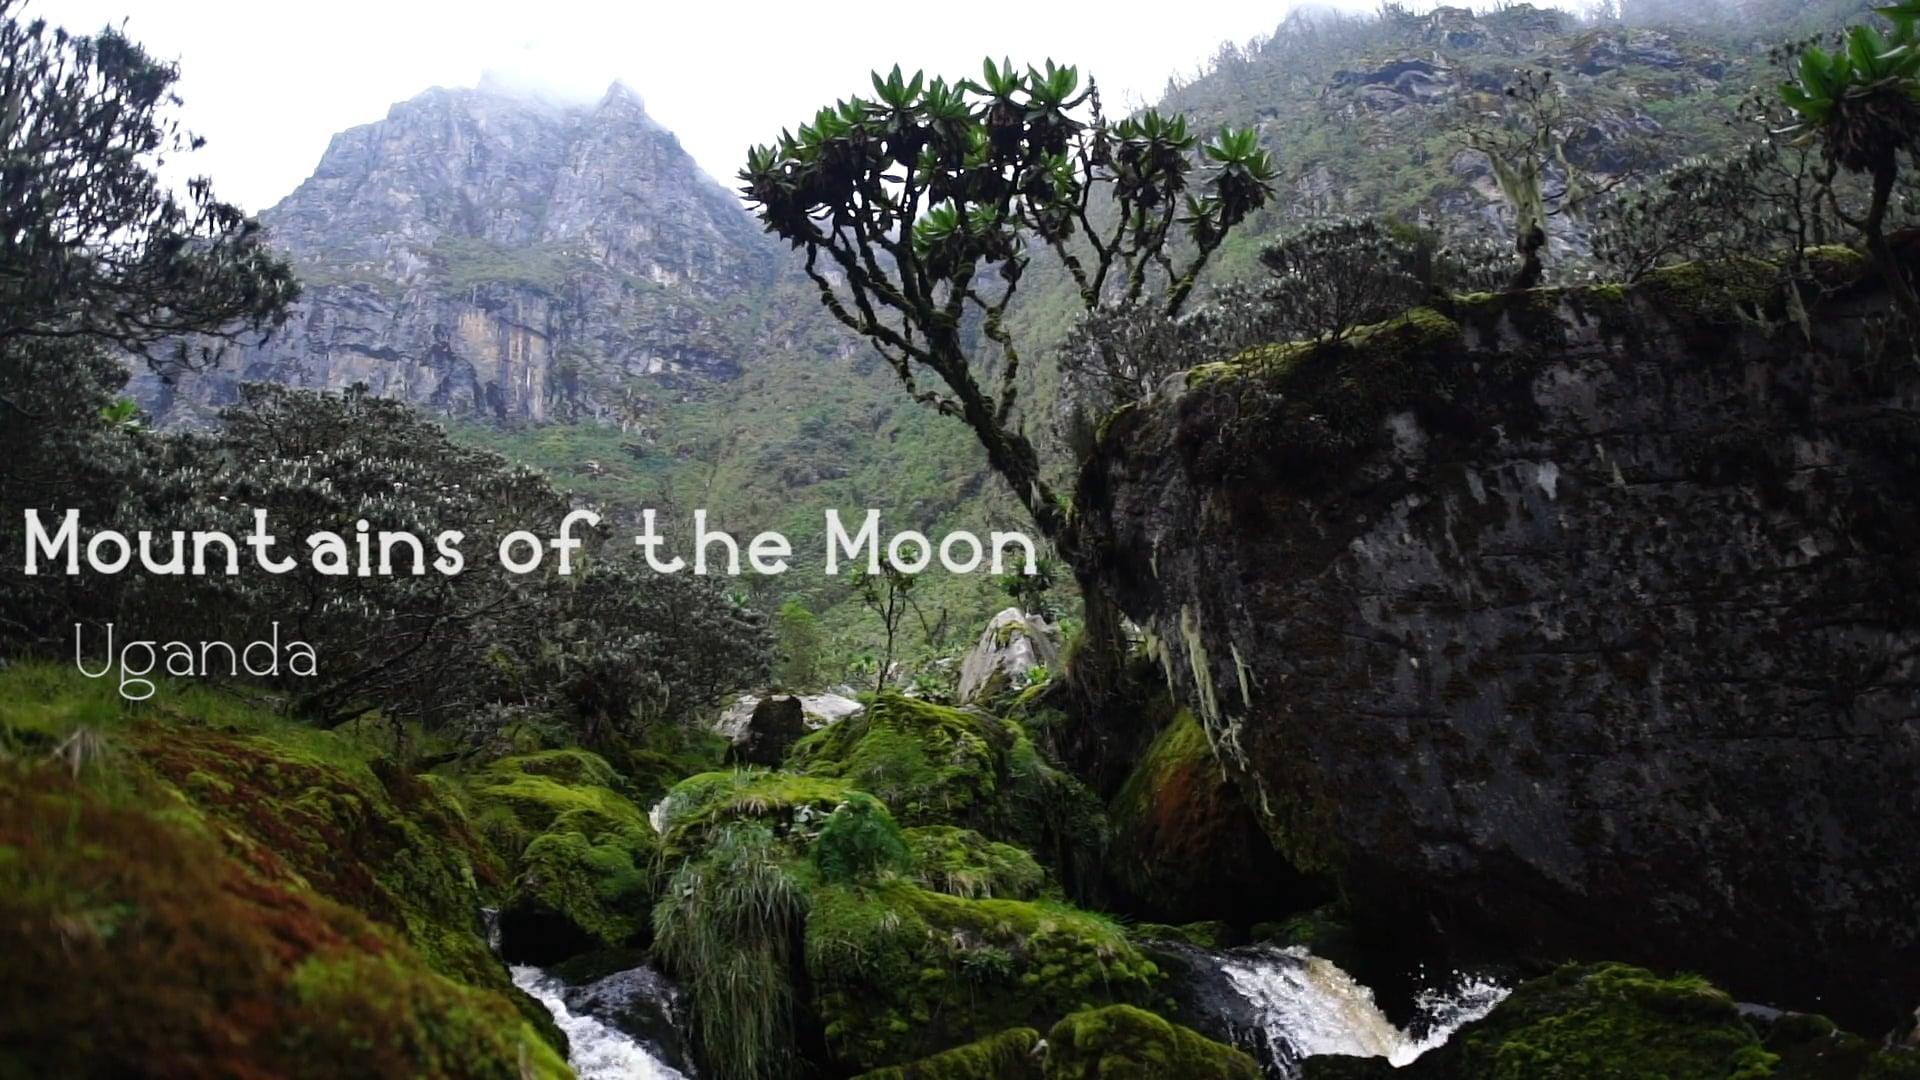 Rwenzori Mountains of the Moon